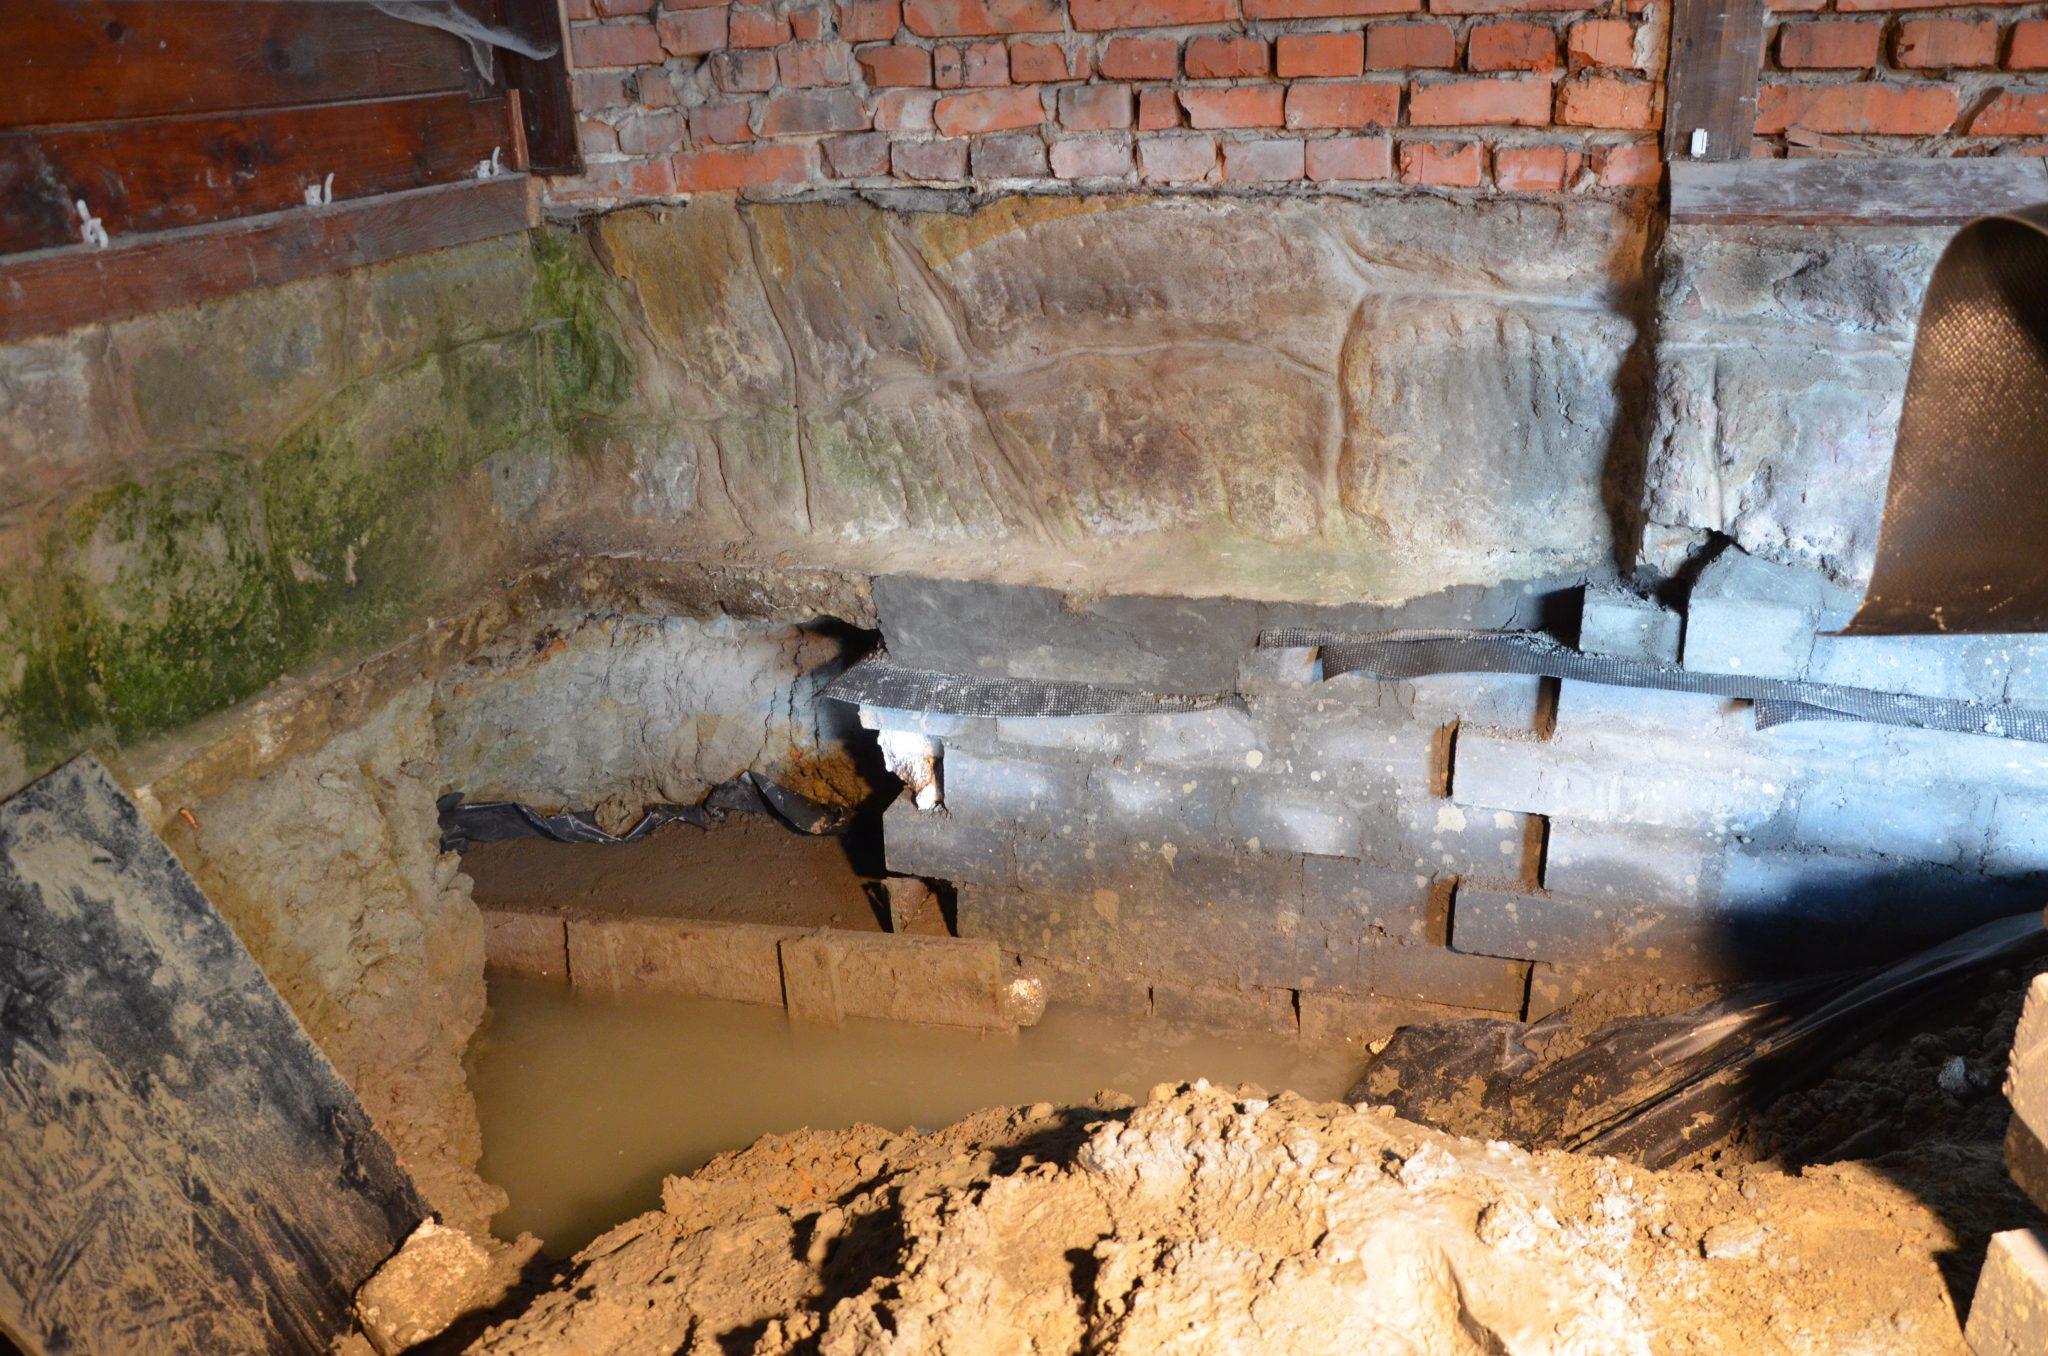 Hydroizolacja piwnic: zalana piwnica – co robić?